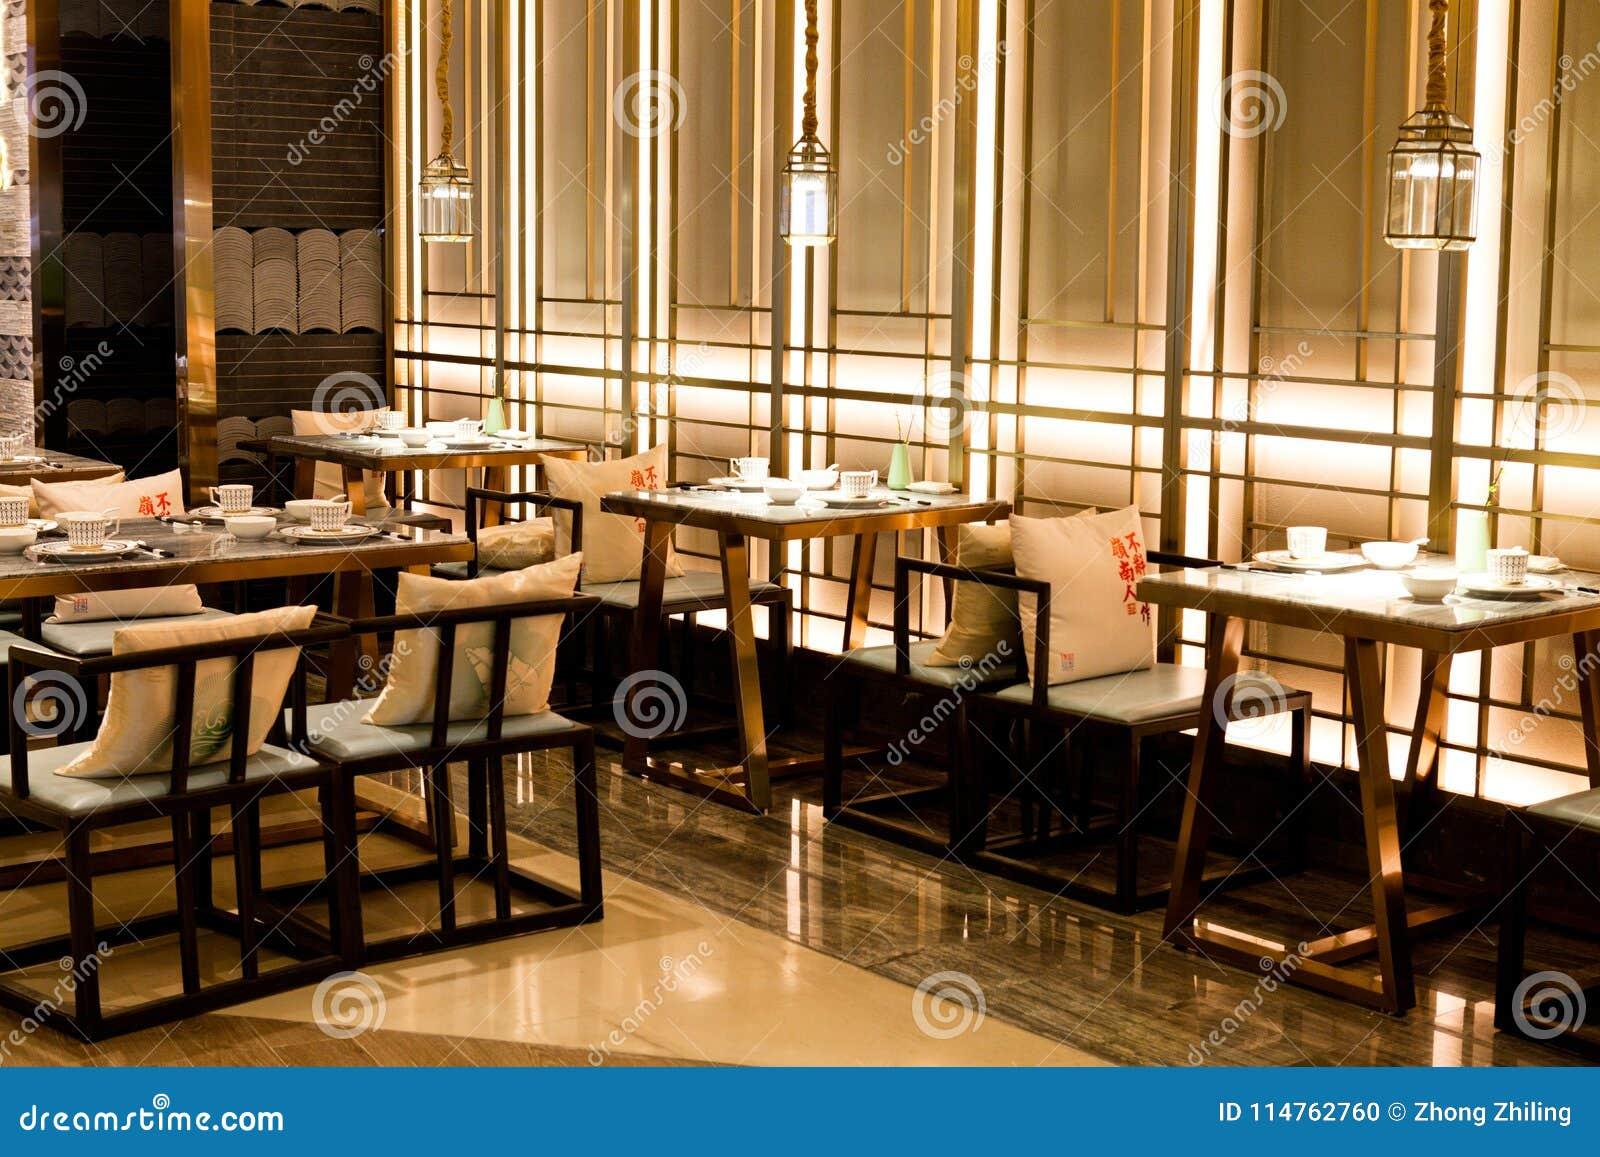 Superieur Table De Salle à Manger Et Restaurant Moderne De Style Chinois